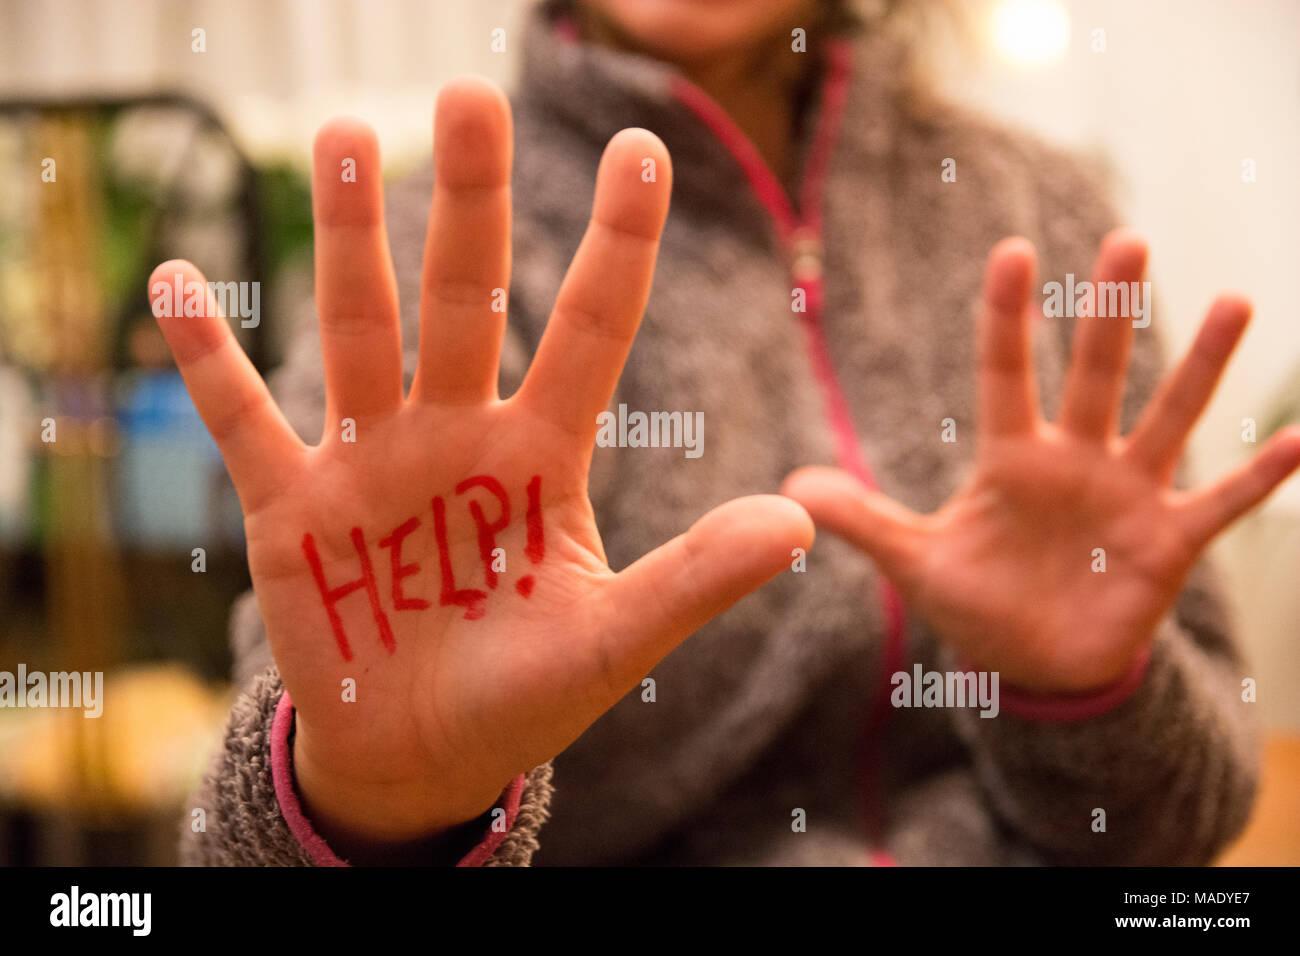 Aiuto! Scritta sulla donna mano vicino alla fotocamera. Una donna chiede aiuto writting sulla sua mano. Immagini Stock